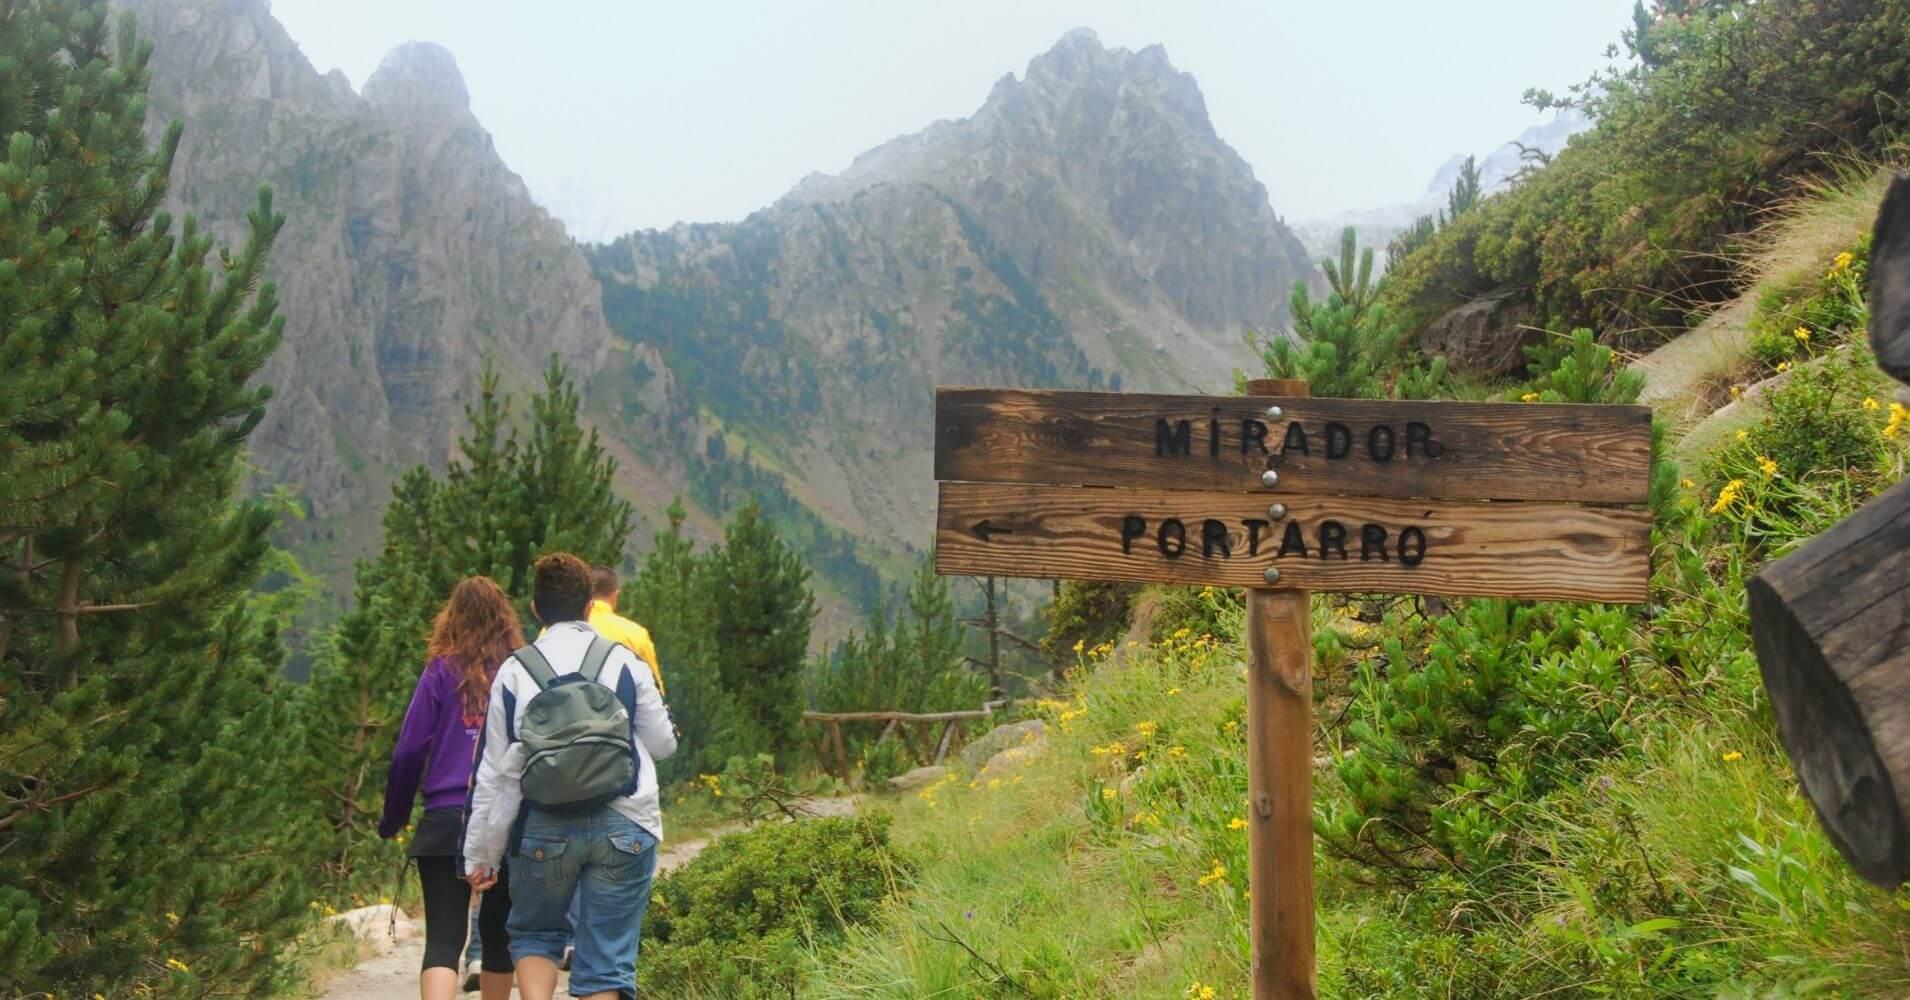 Mirador del Portarro. Parque Nacional de Aigües Tortes. Lérida, Cataluña.